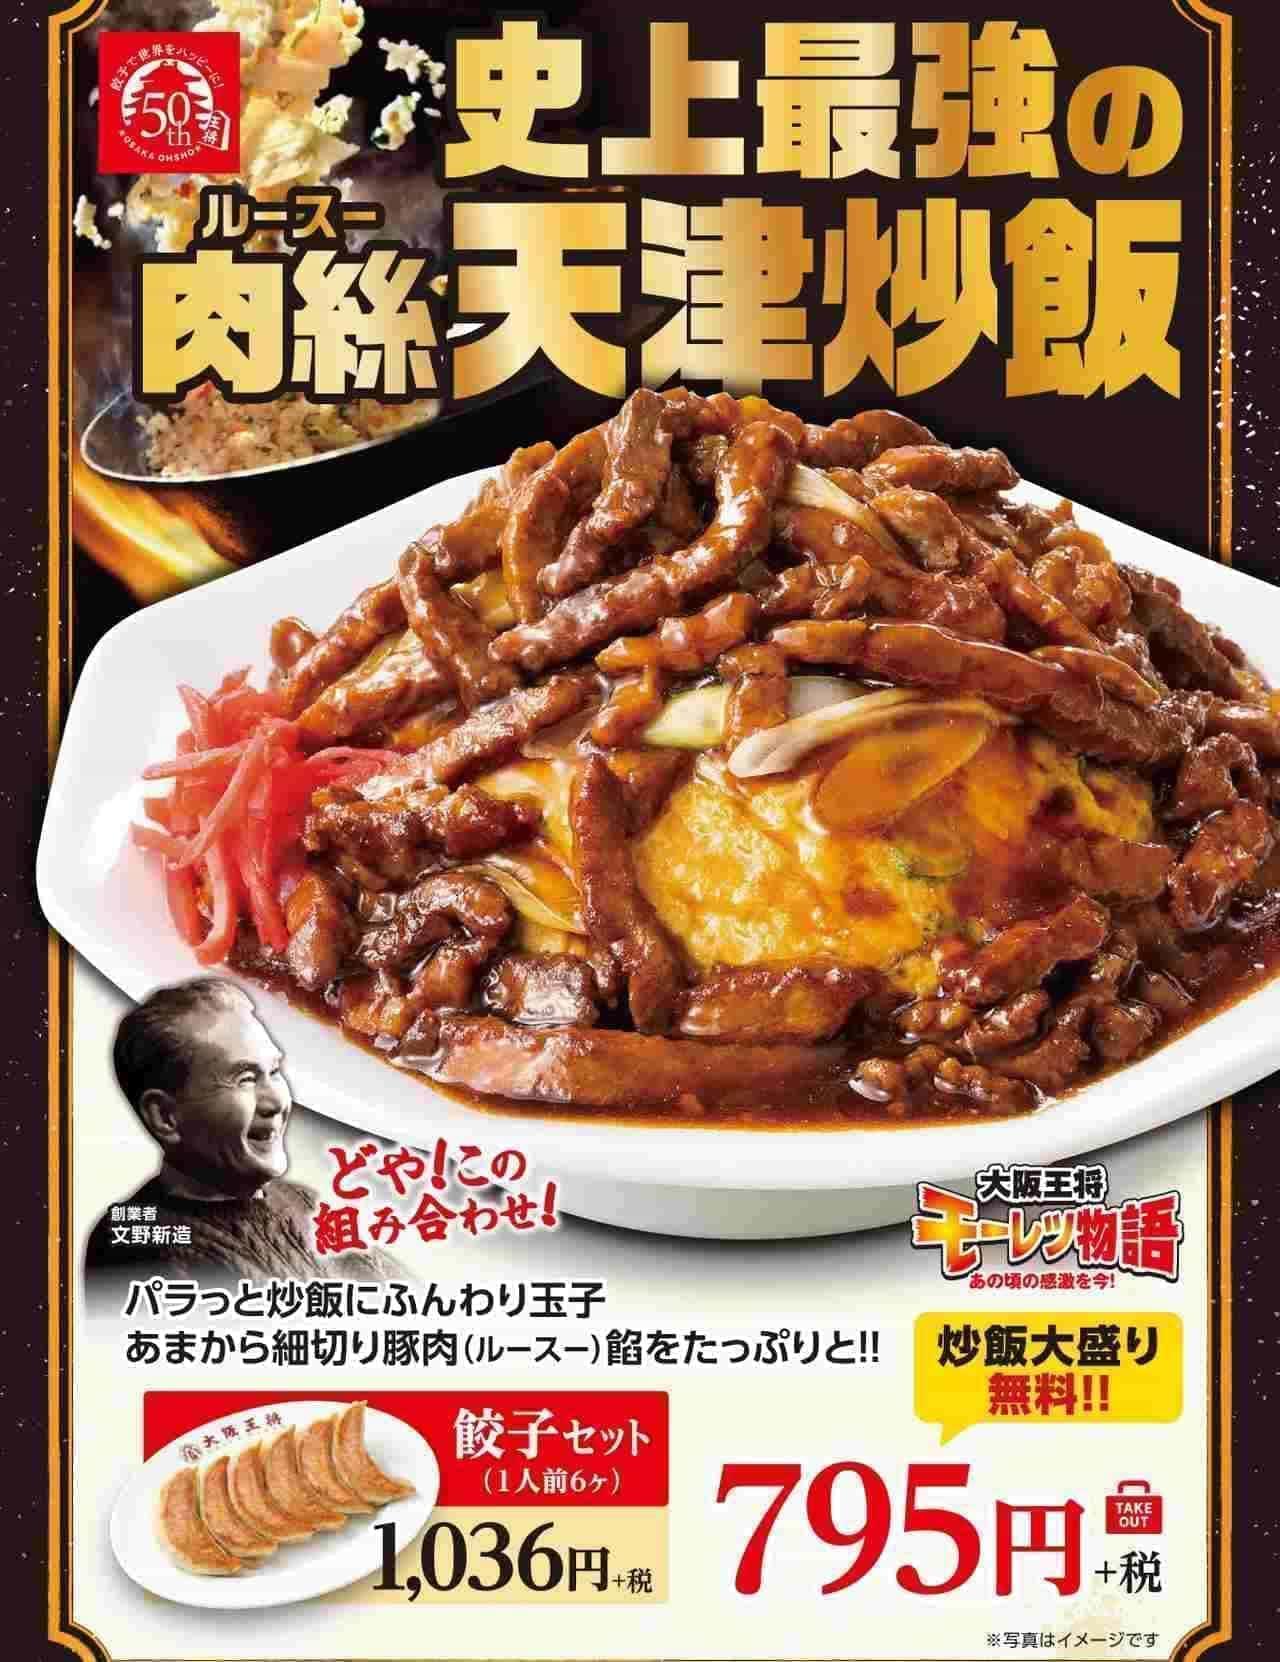 大阪王将「史上最強の肉絲(ルースー)天津炒飯」